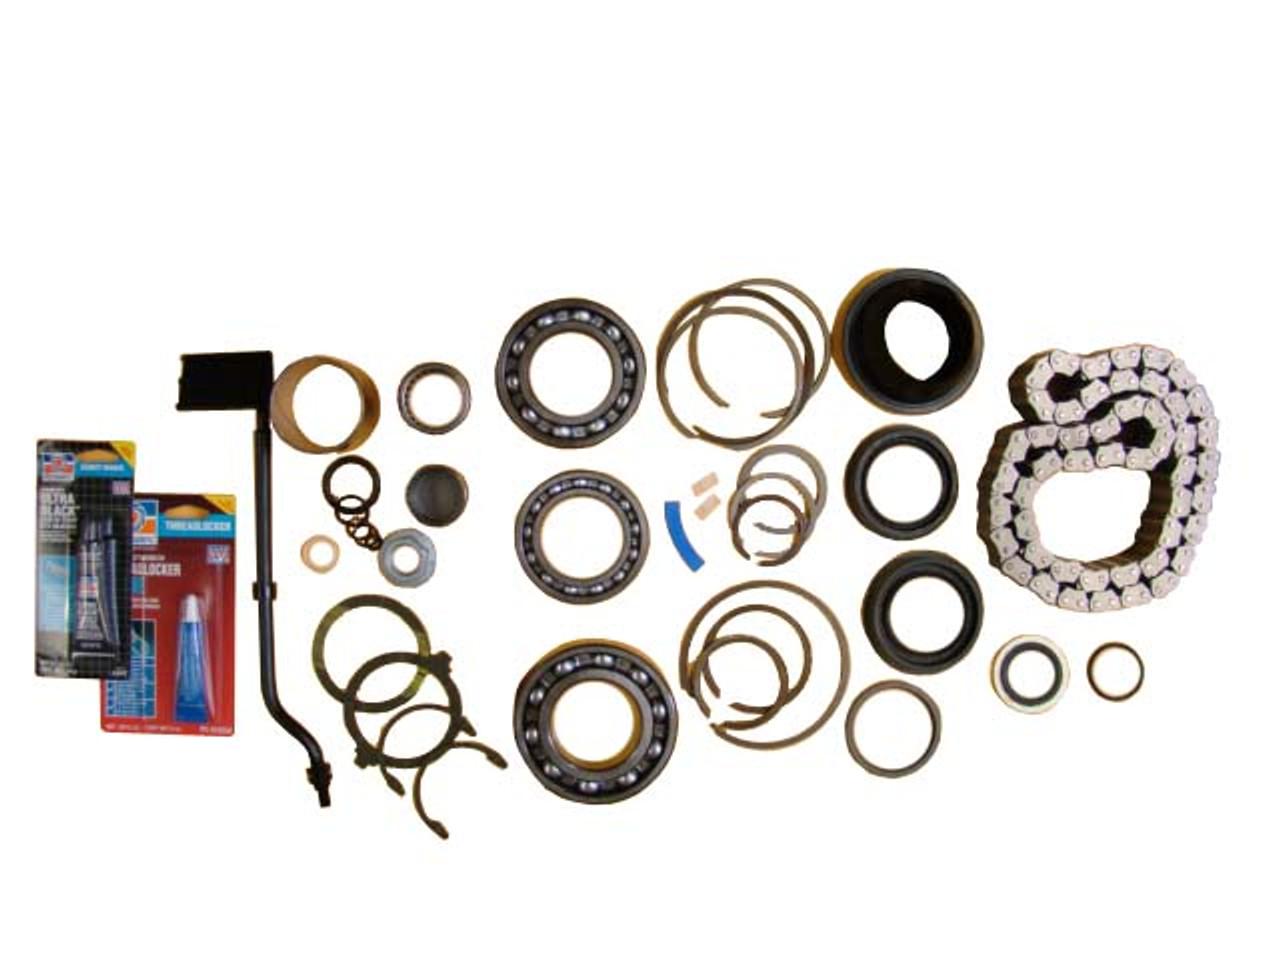 TK2118 NV273D Transfer Case Master Overhaul Kit 2003-2012 Ram